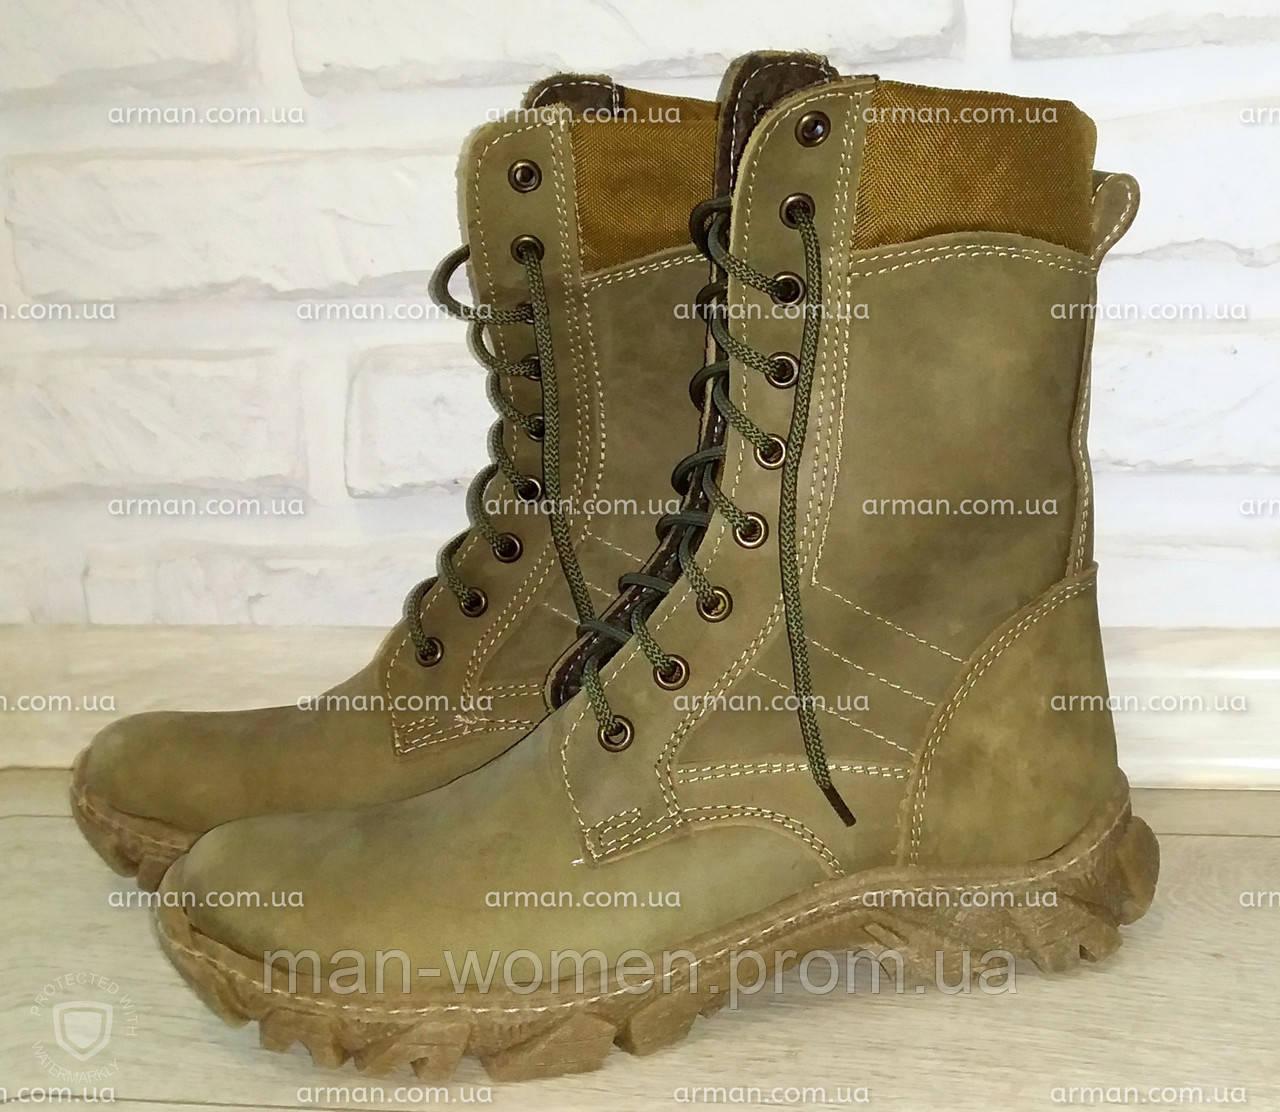 Женские военные ботинки, берцы, облегчённый вариант! Размеры 36, 37, 38, 39, 40